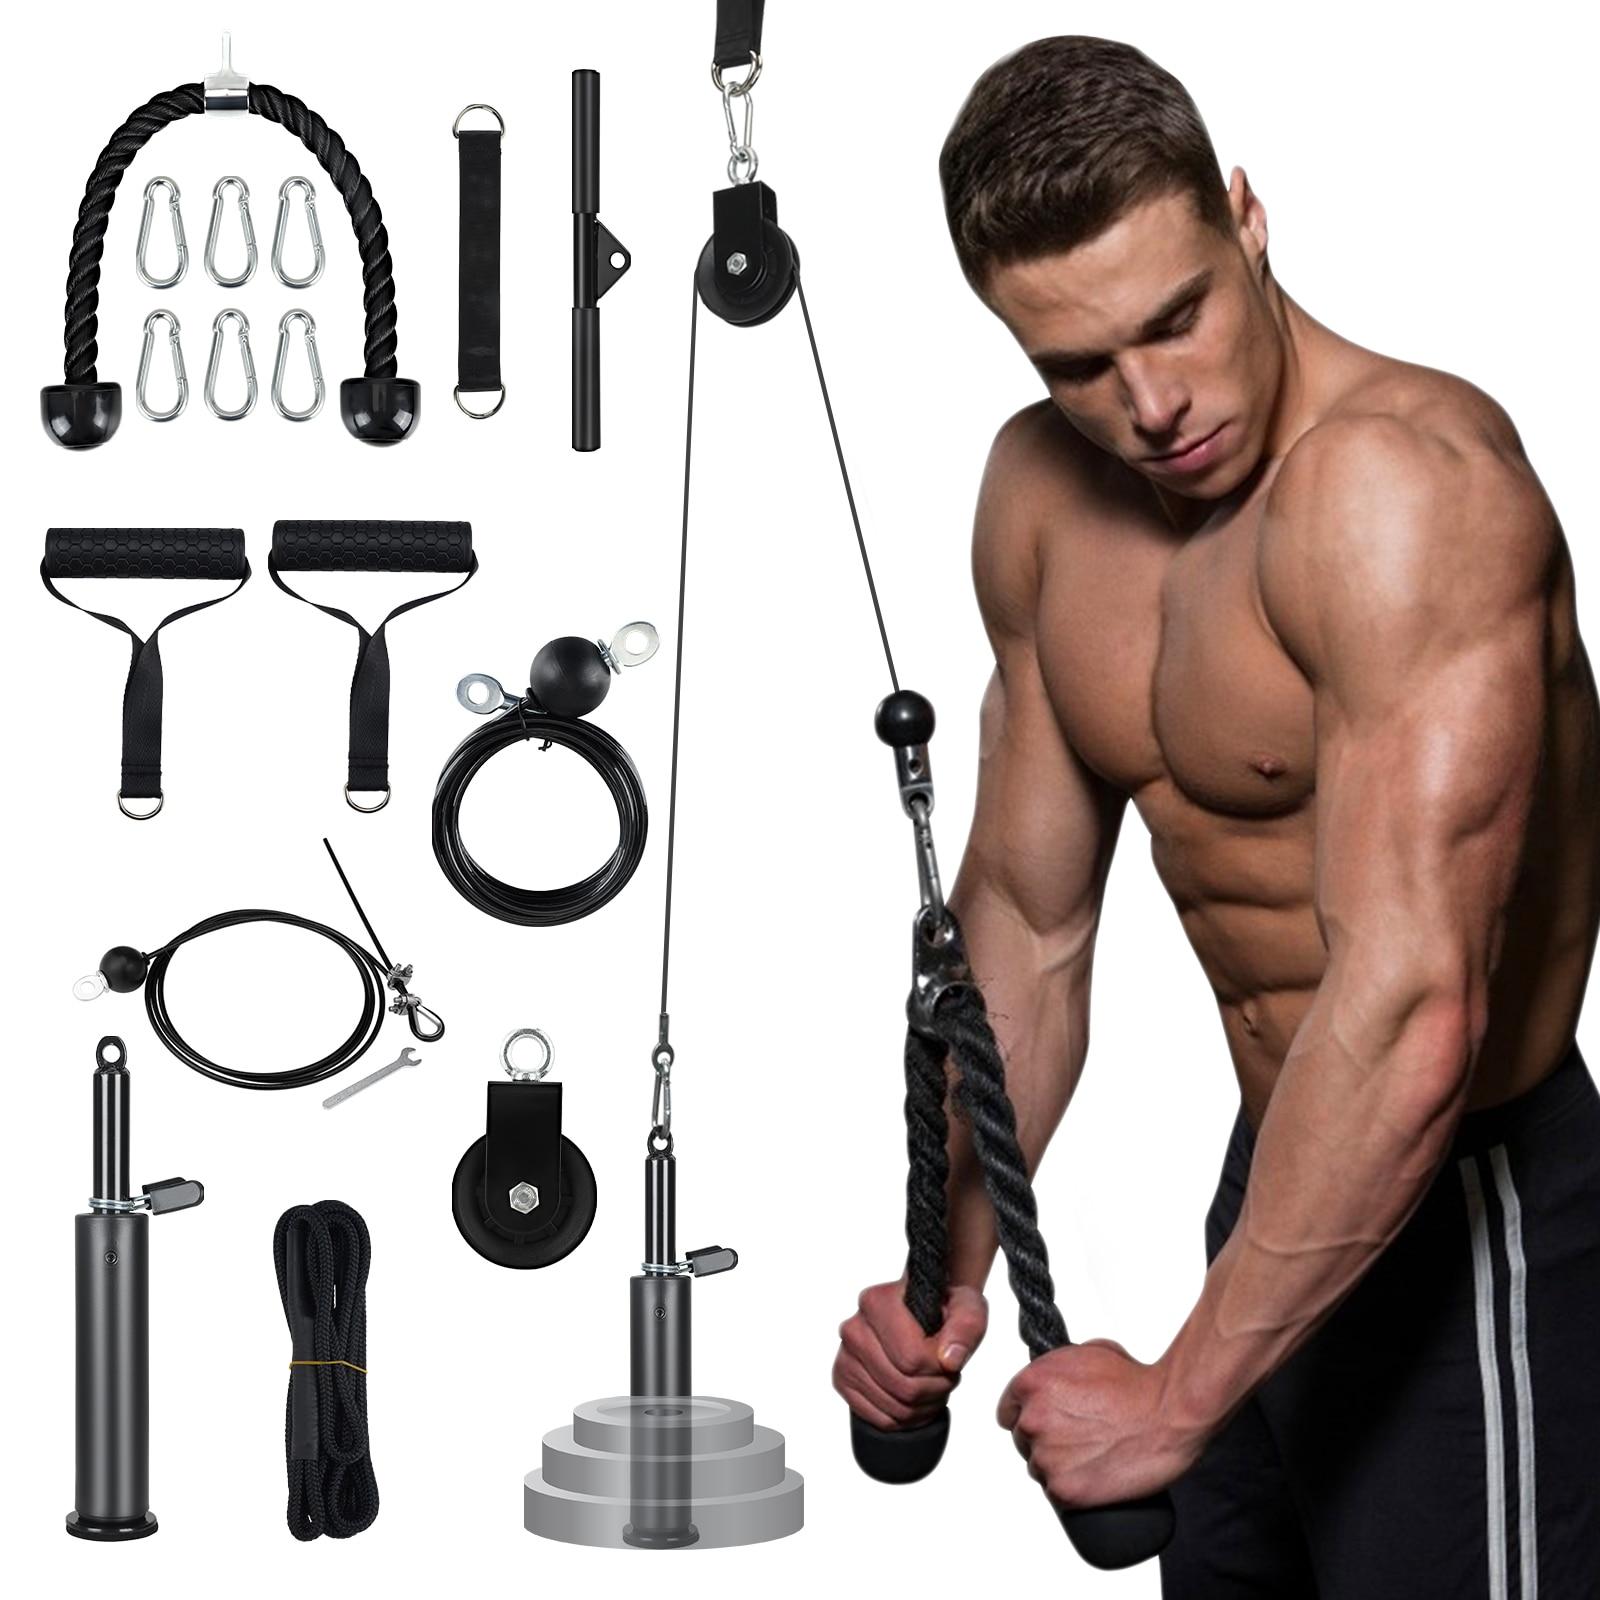 Sistema de Cabo Pino de Carga Quiet Fitness Polia Levantamento Tríceps Corda Máquina Workout Ajustável Comprimento Casa Gym Esporte